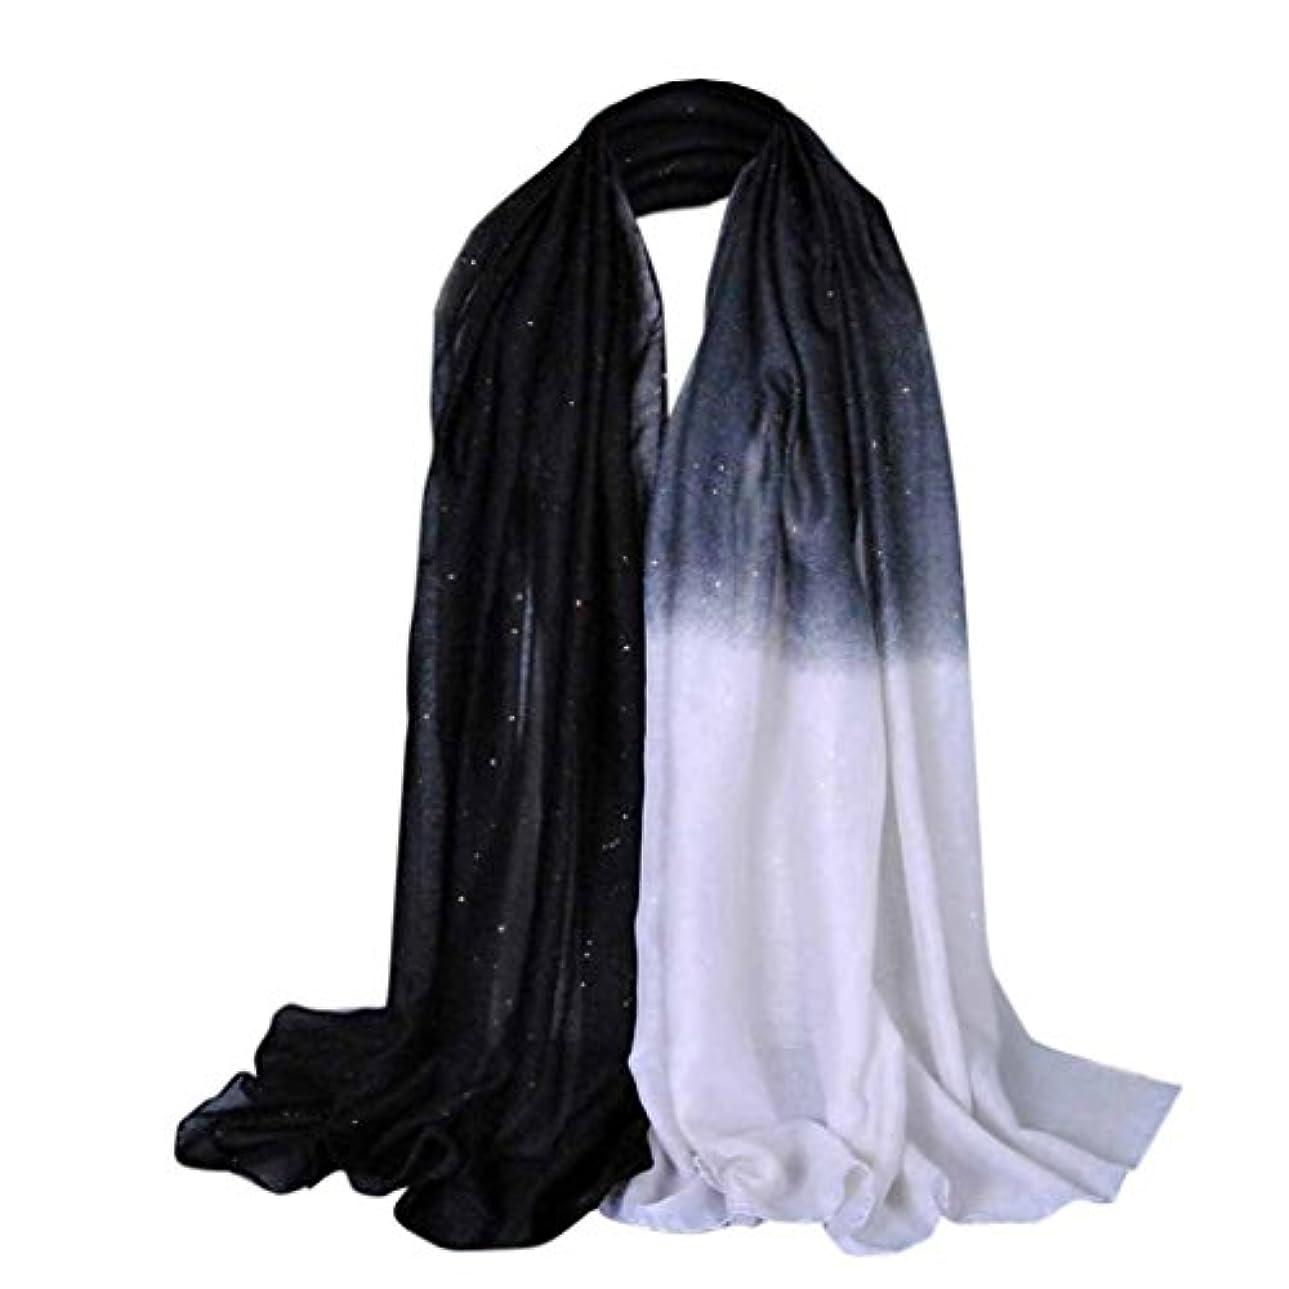 法的ポイント指Feiscat 女性 キラキラ グラデーションスタイル アクセサリー お洒落 ふんわり ファッションスカーフ